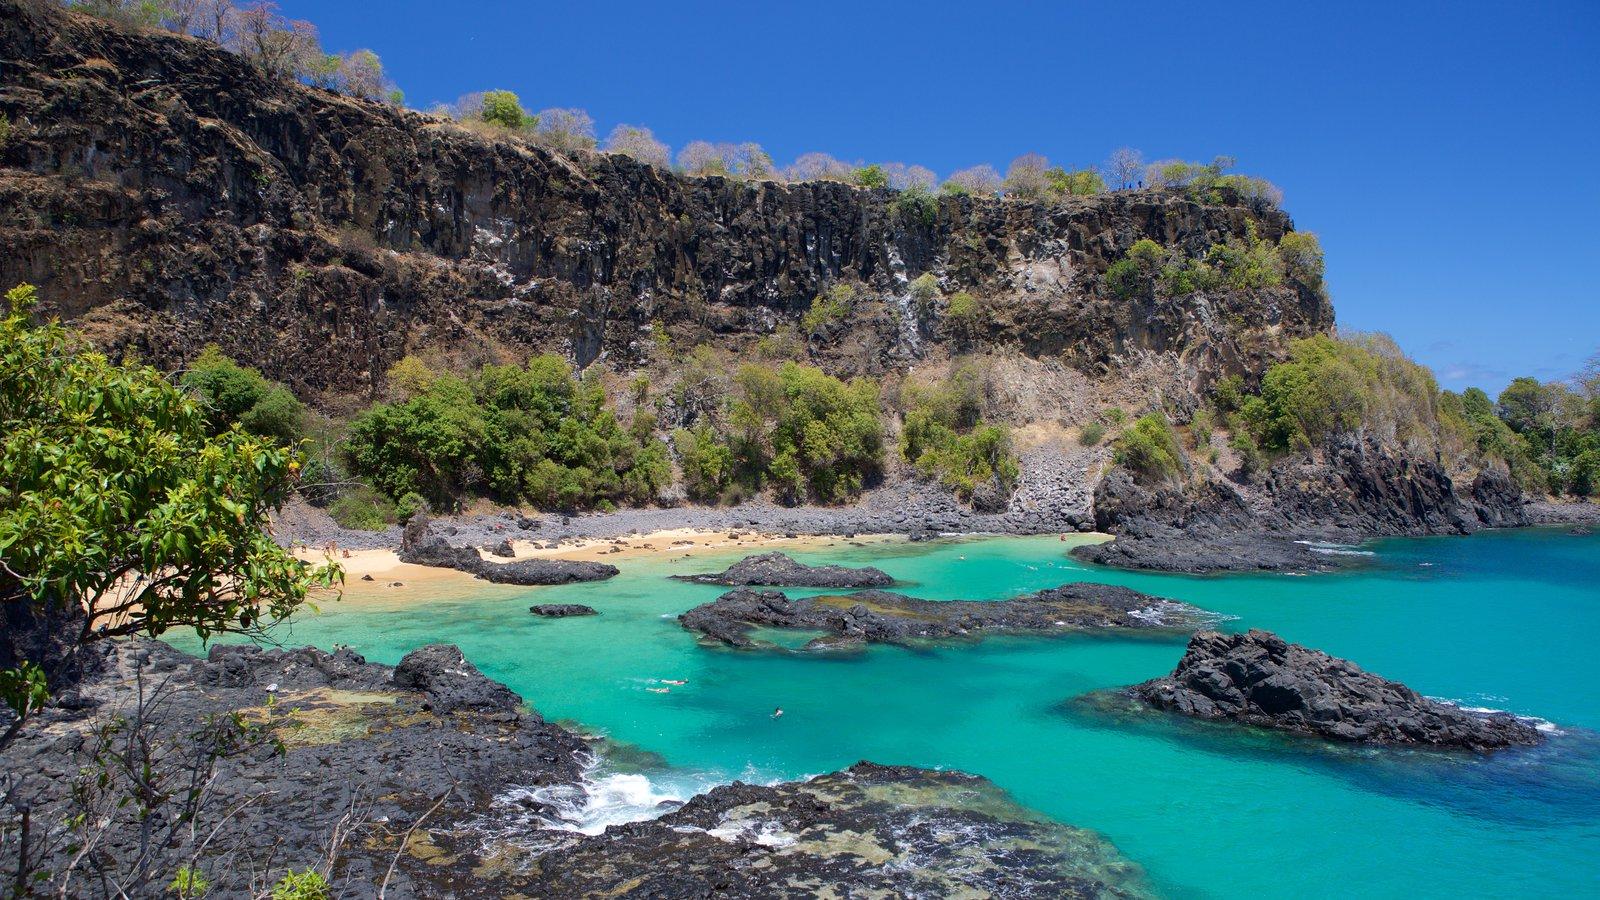 Baía dos Porcos caracterizando litoral rochoso e paisagens litorâneas